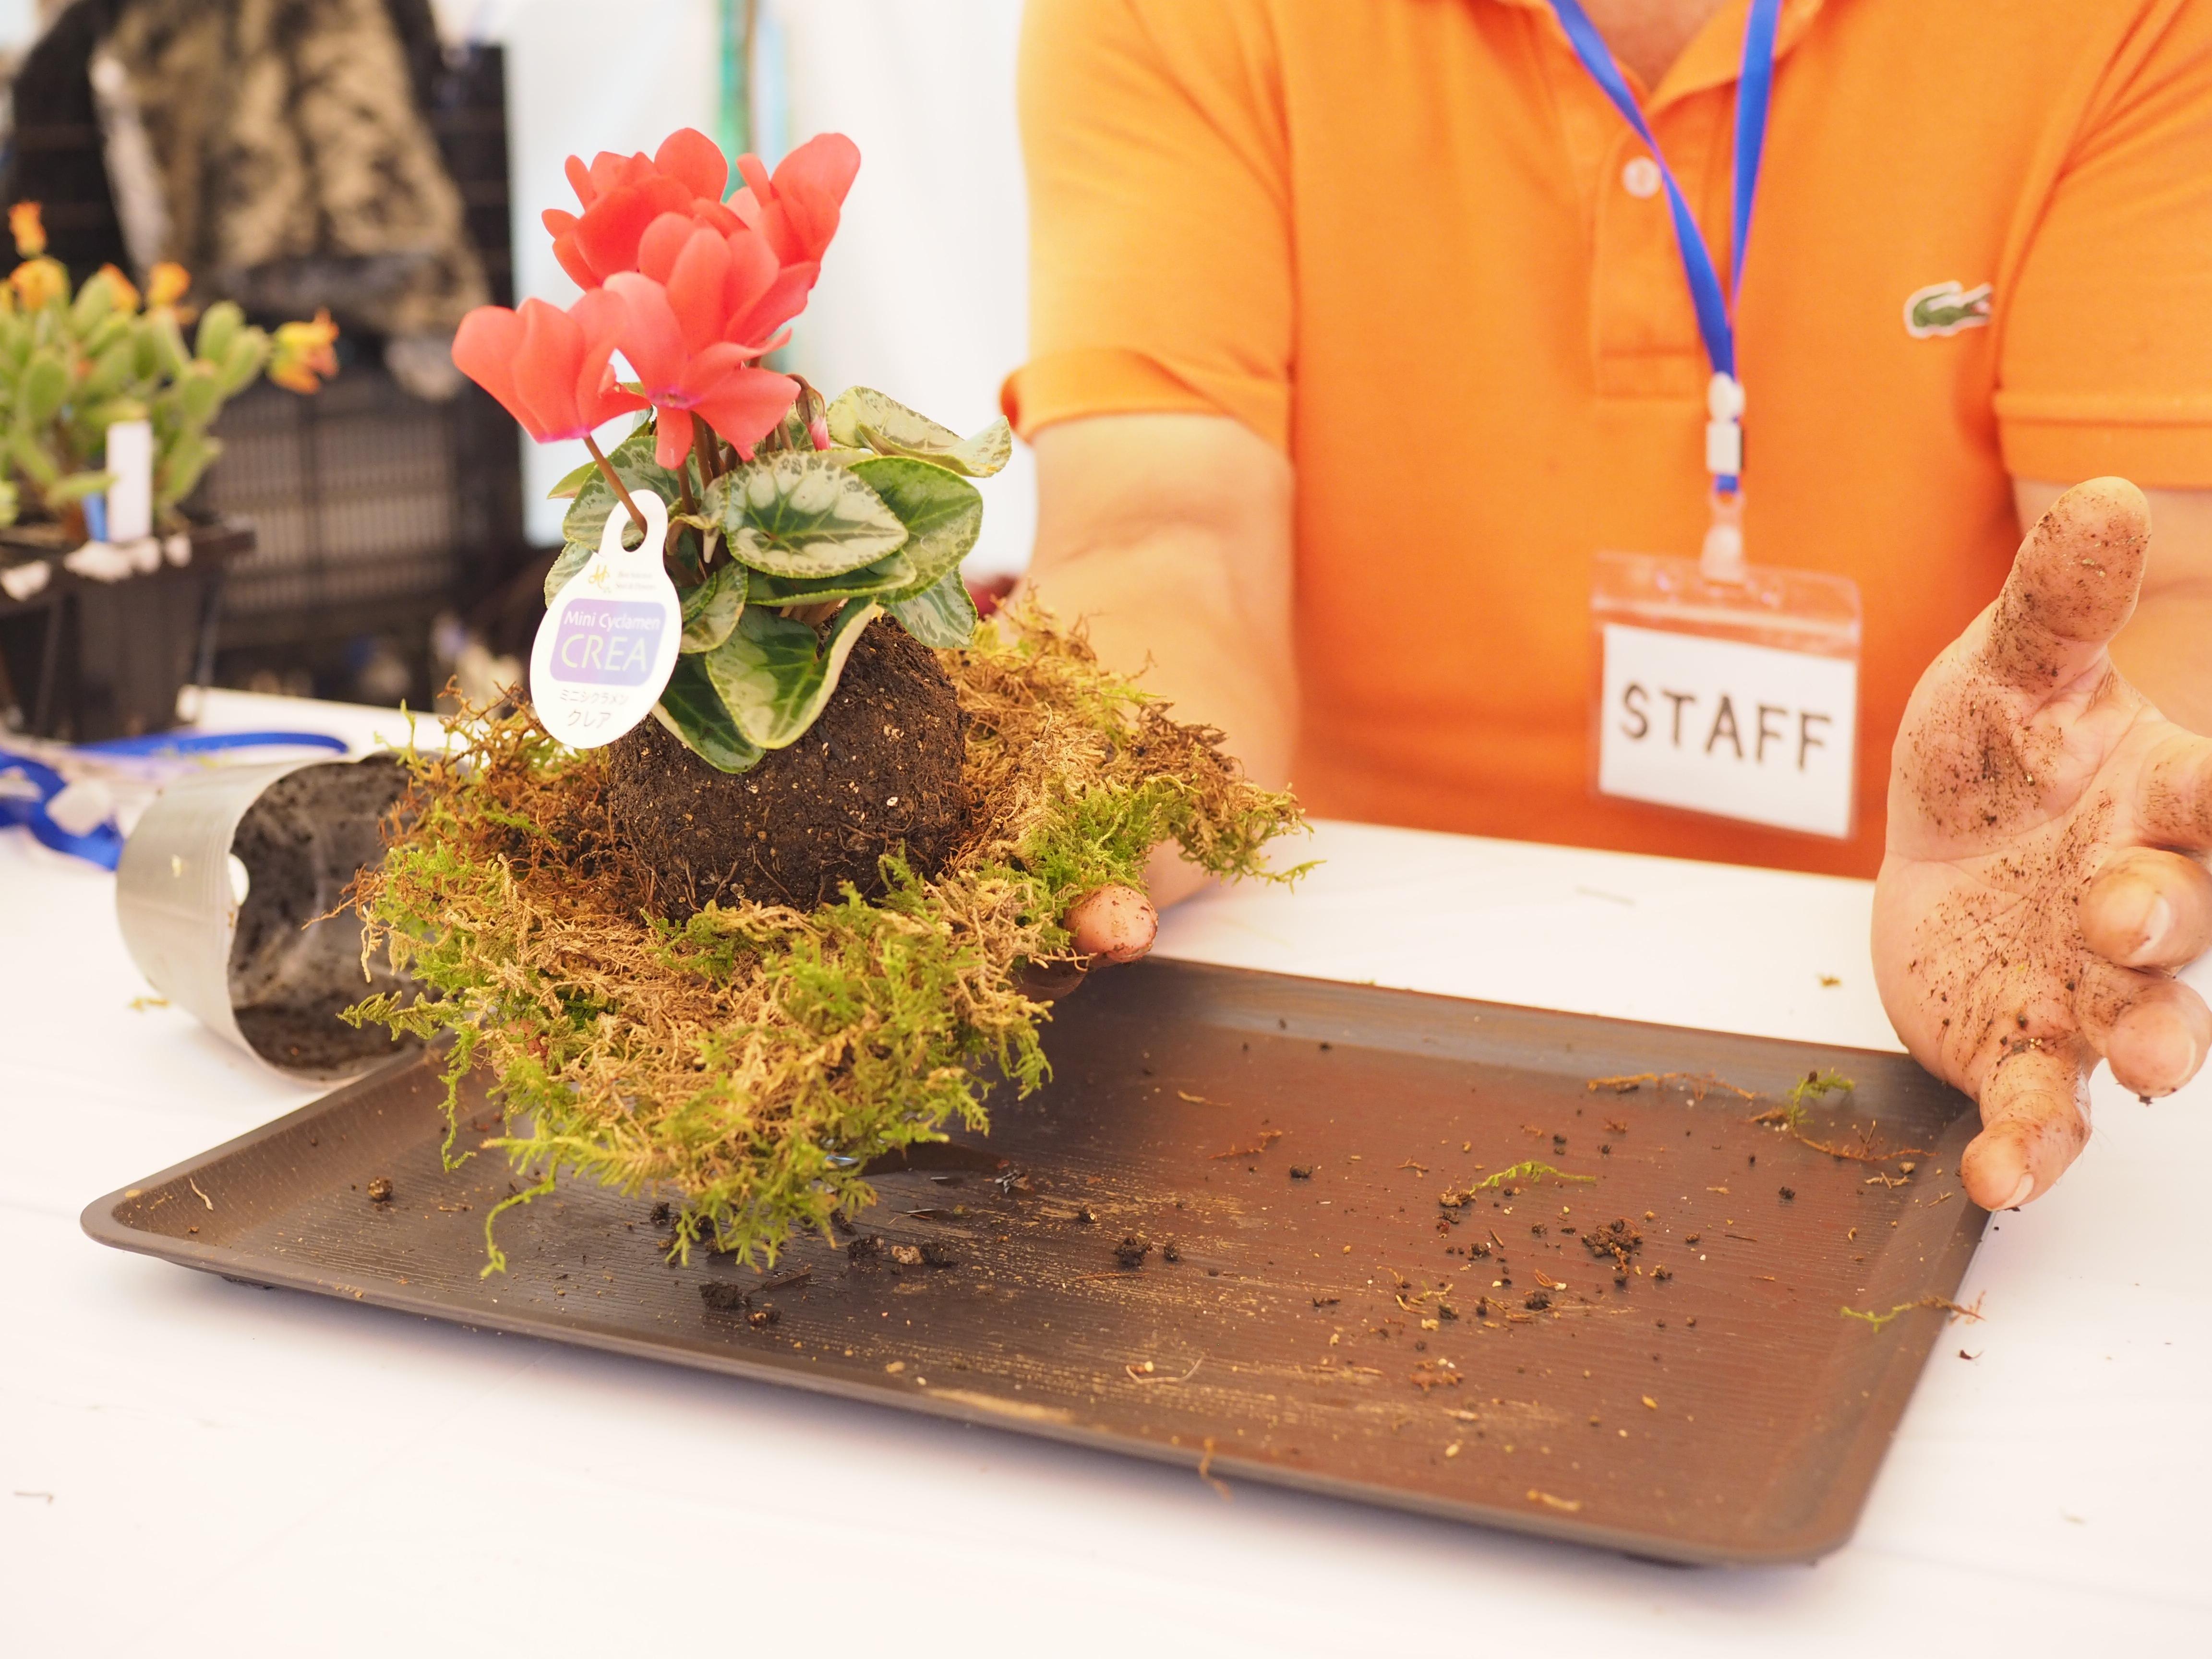 使用する苔は、天然のハイゴケ、着色した水苔、フェイクの苔の3種類から選びます。写真は天然のハイゴケバージョン。  ポットから外した根鉢を手のひらで丸く成型し、広げた苔の上に乗せます。あとは根鉢を苔でつつんで、紐で縛っていくだけ。